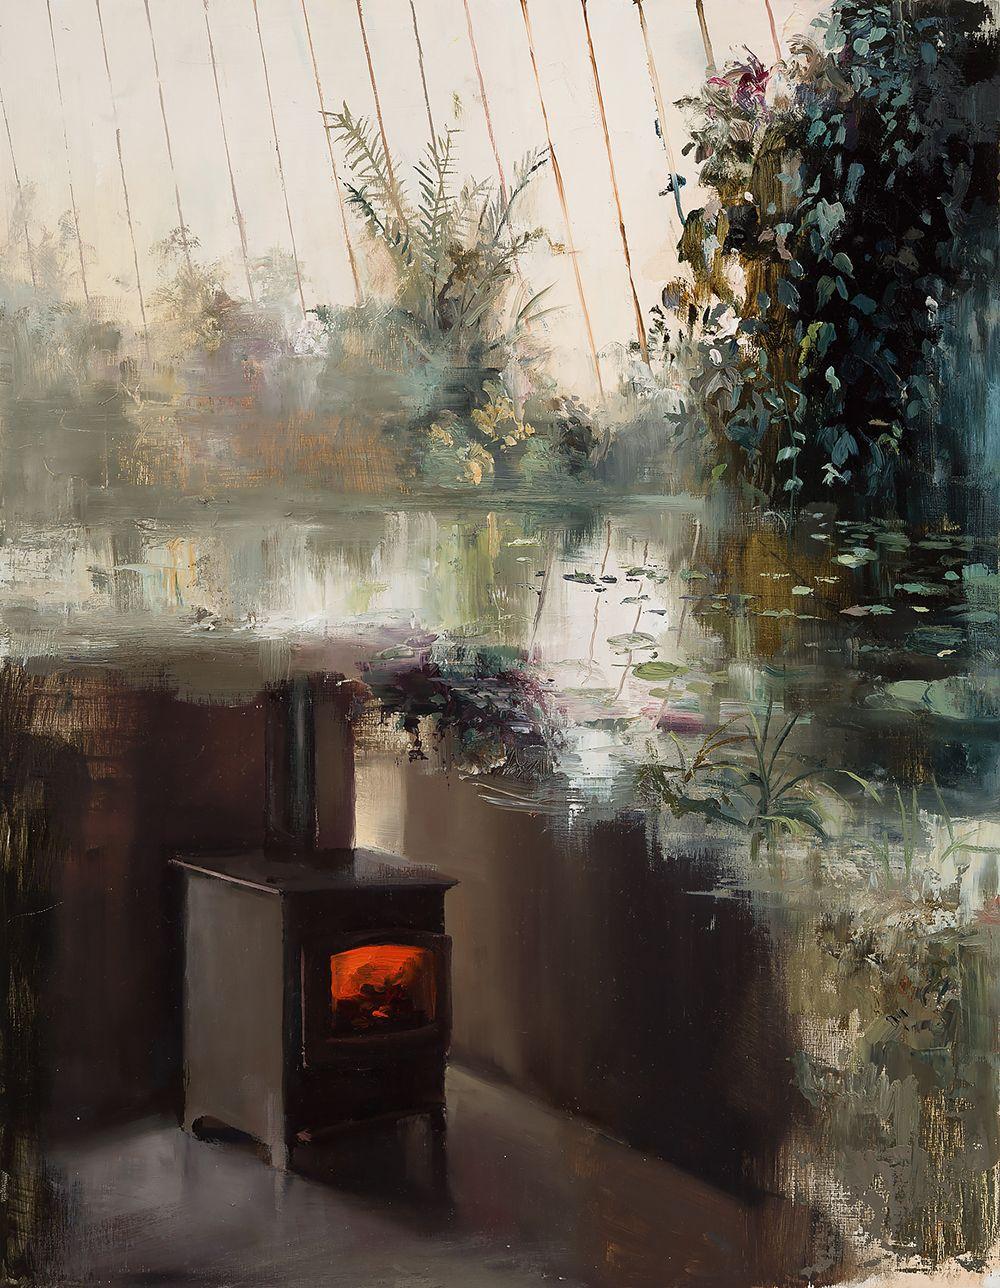 Memory with landscape by Jeremy Miranda